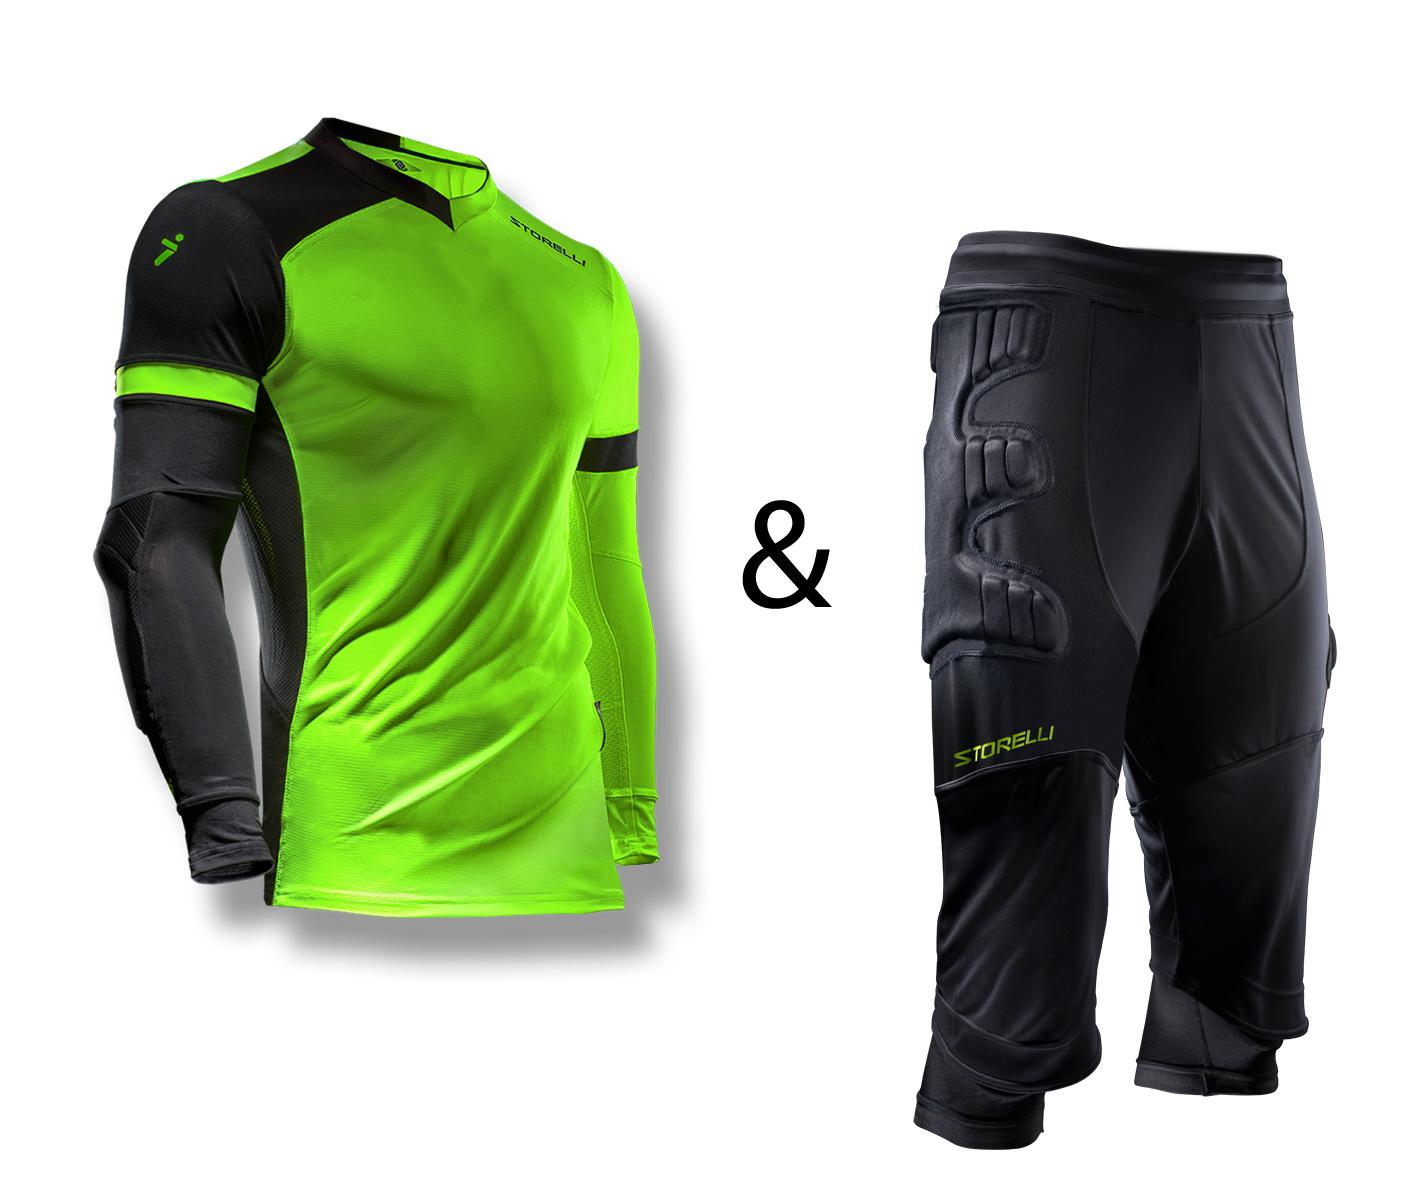 goalkeeper gear on sale